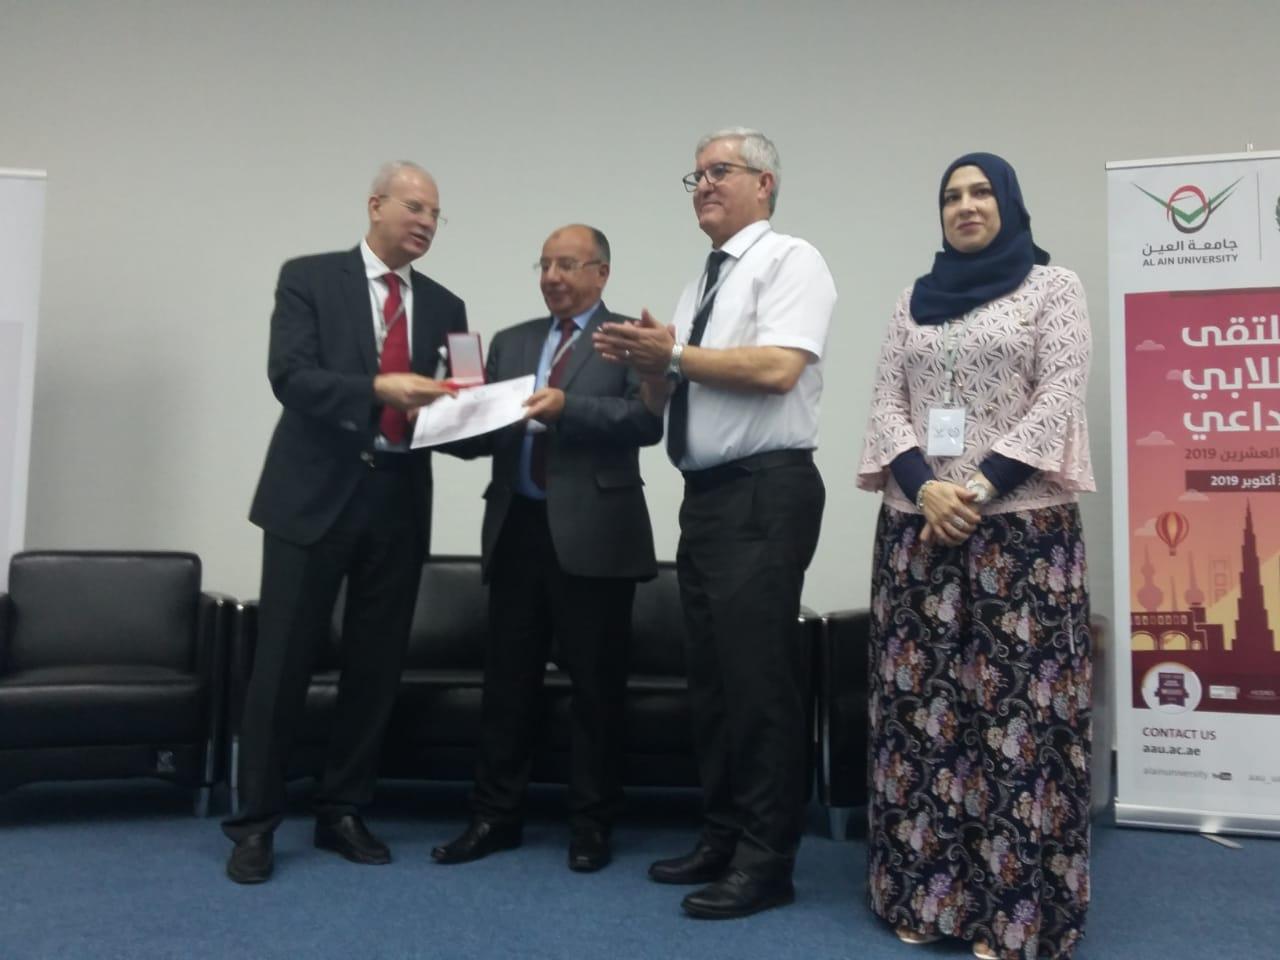 جامعة الفيوم تفوز بالمركز الثالث في البحث العلمي (4)